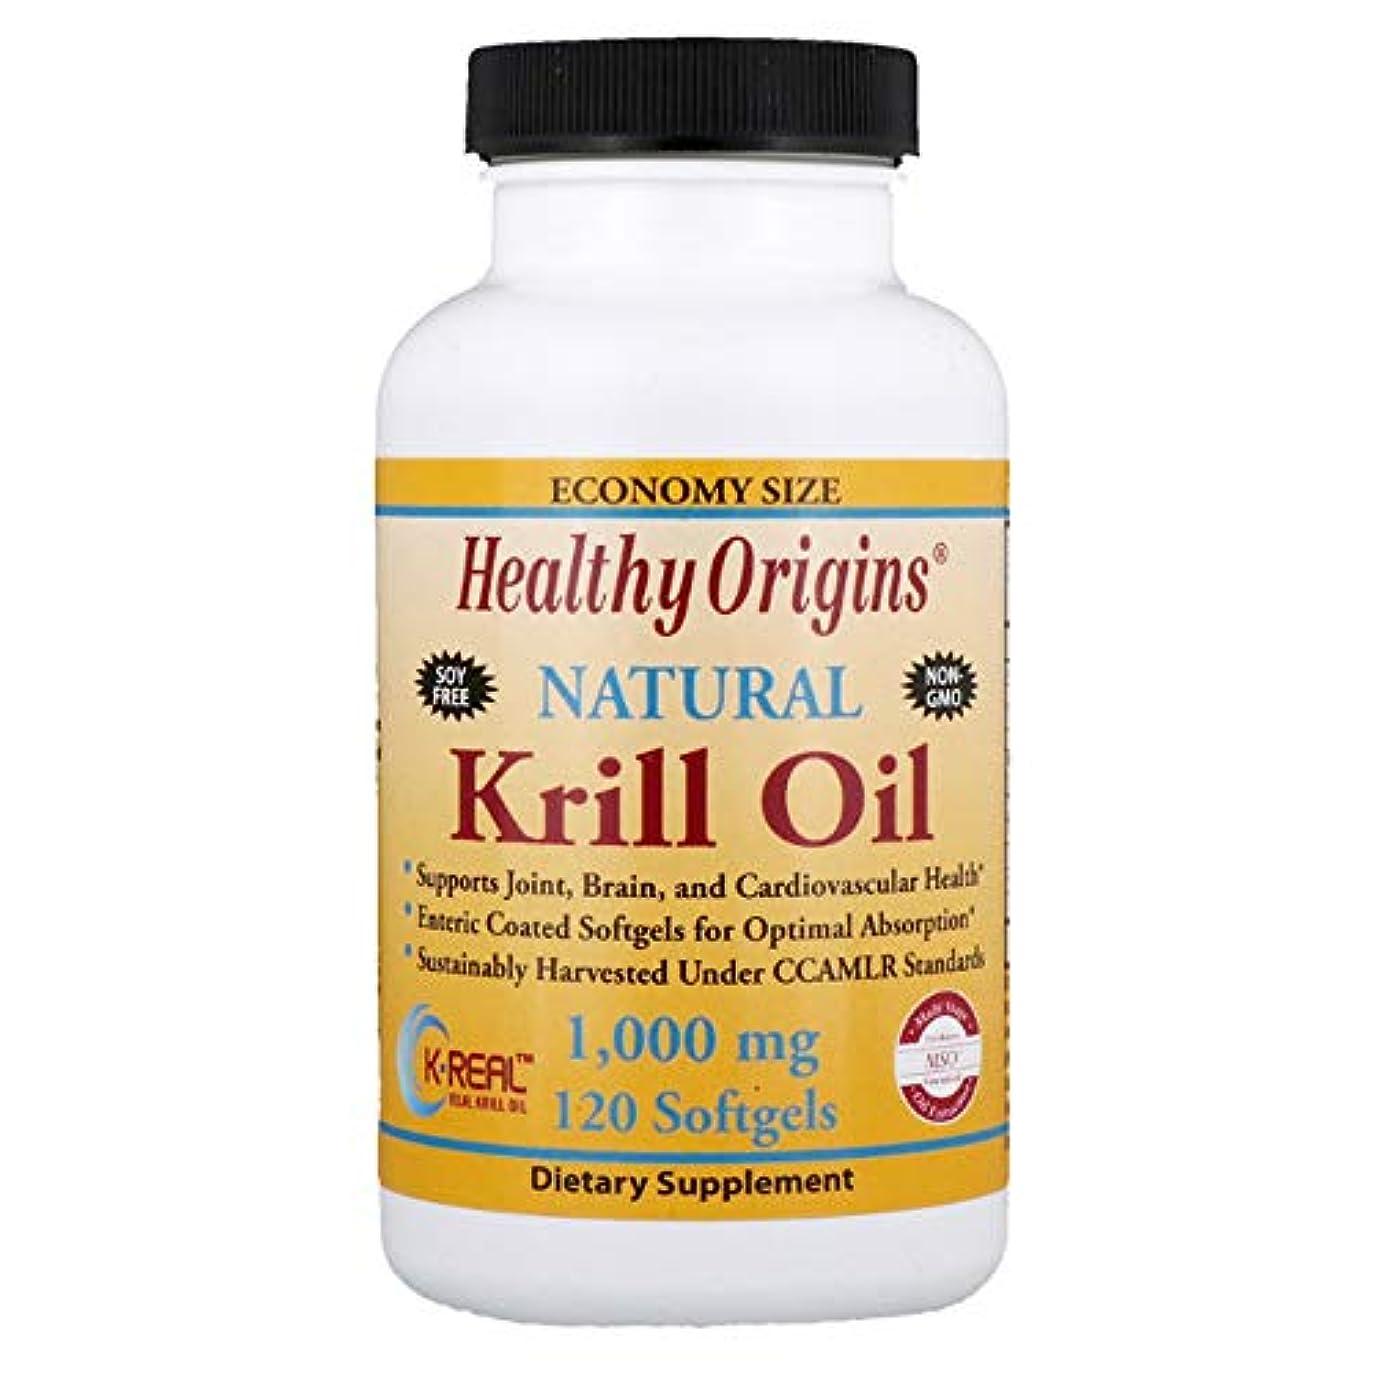 回転謝罪年金Healthy Origins Krill Oil Natural Vanilla Flavor 1000 mg 120 Softgels 【アメリカ直送】